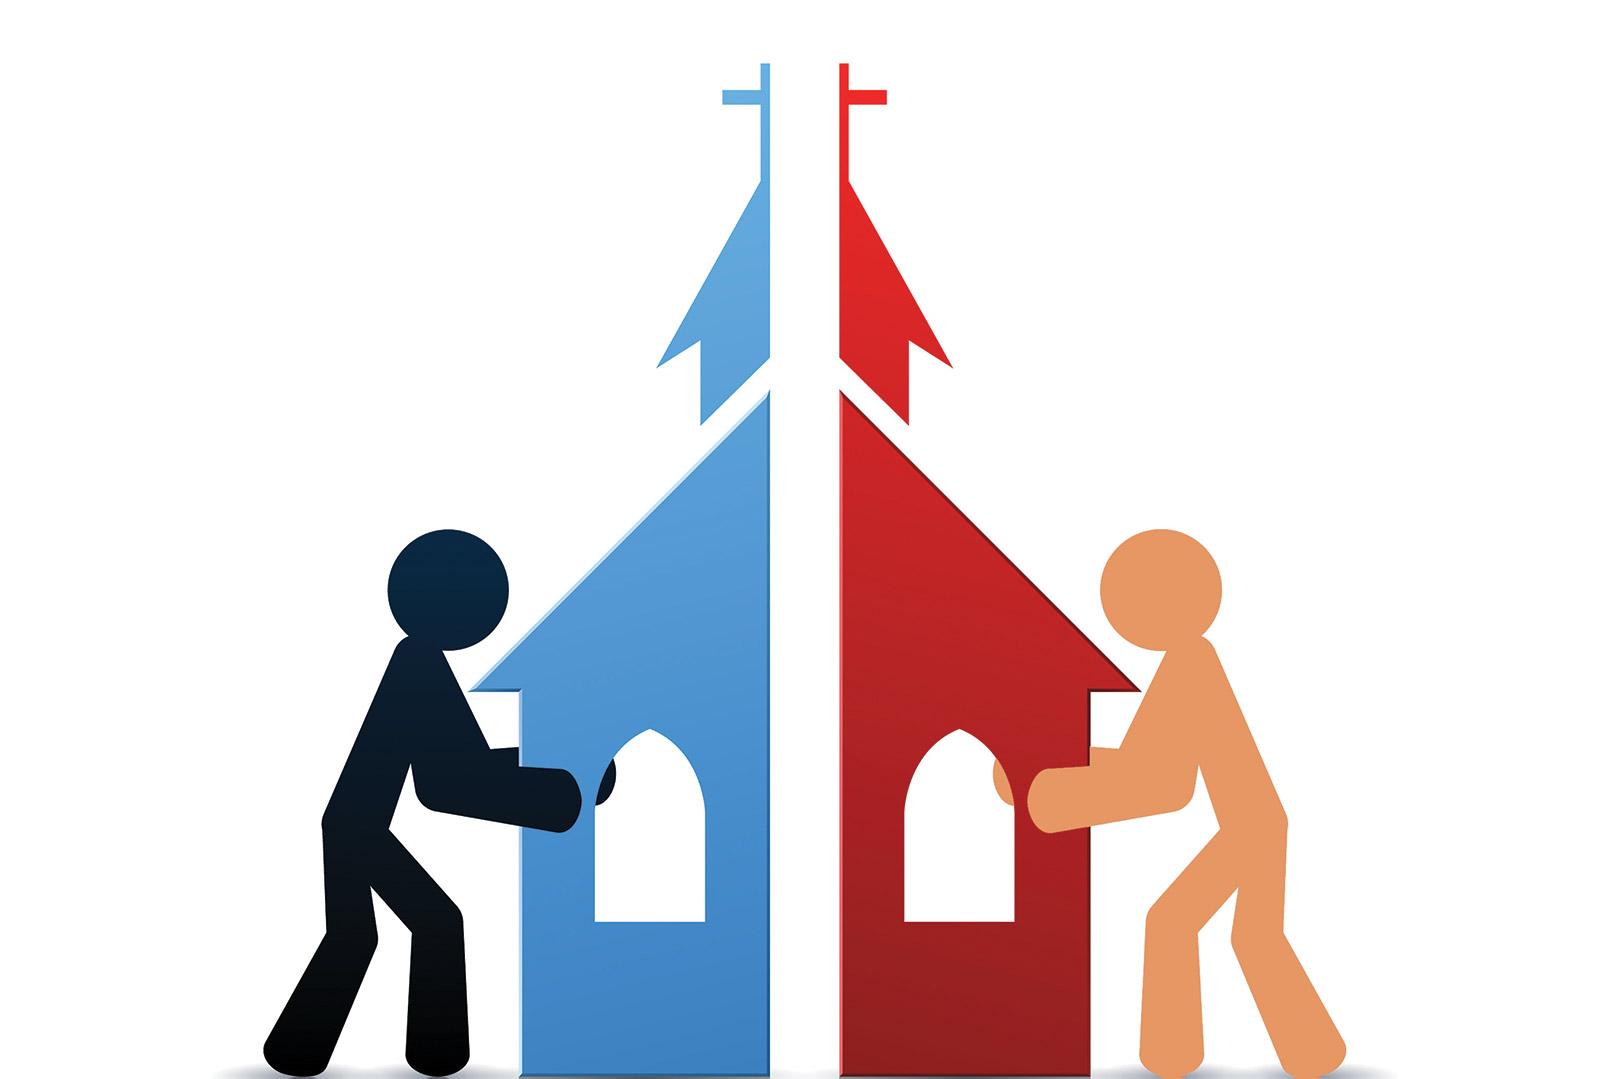 Church divided